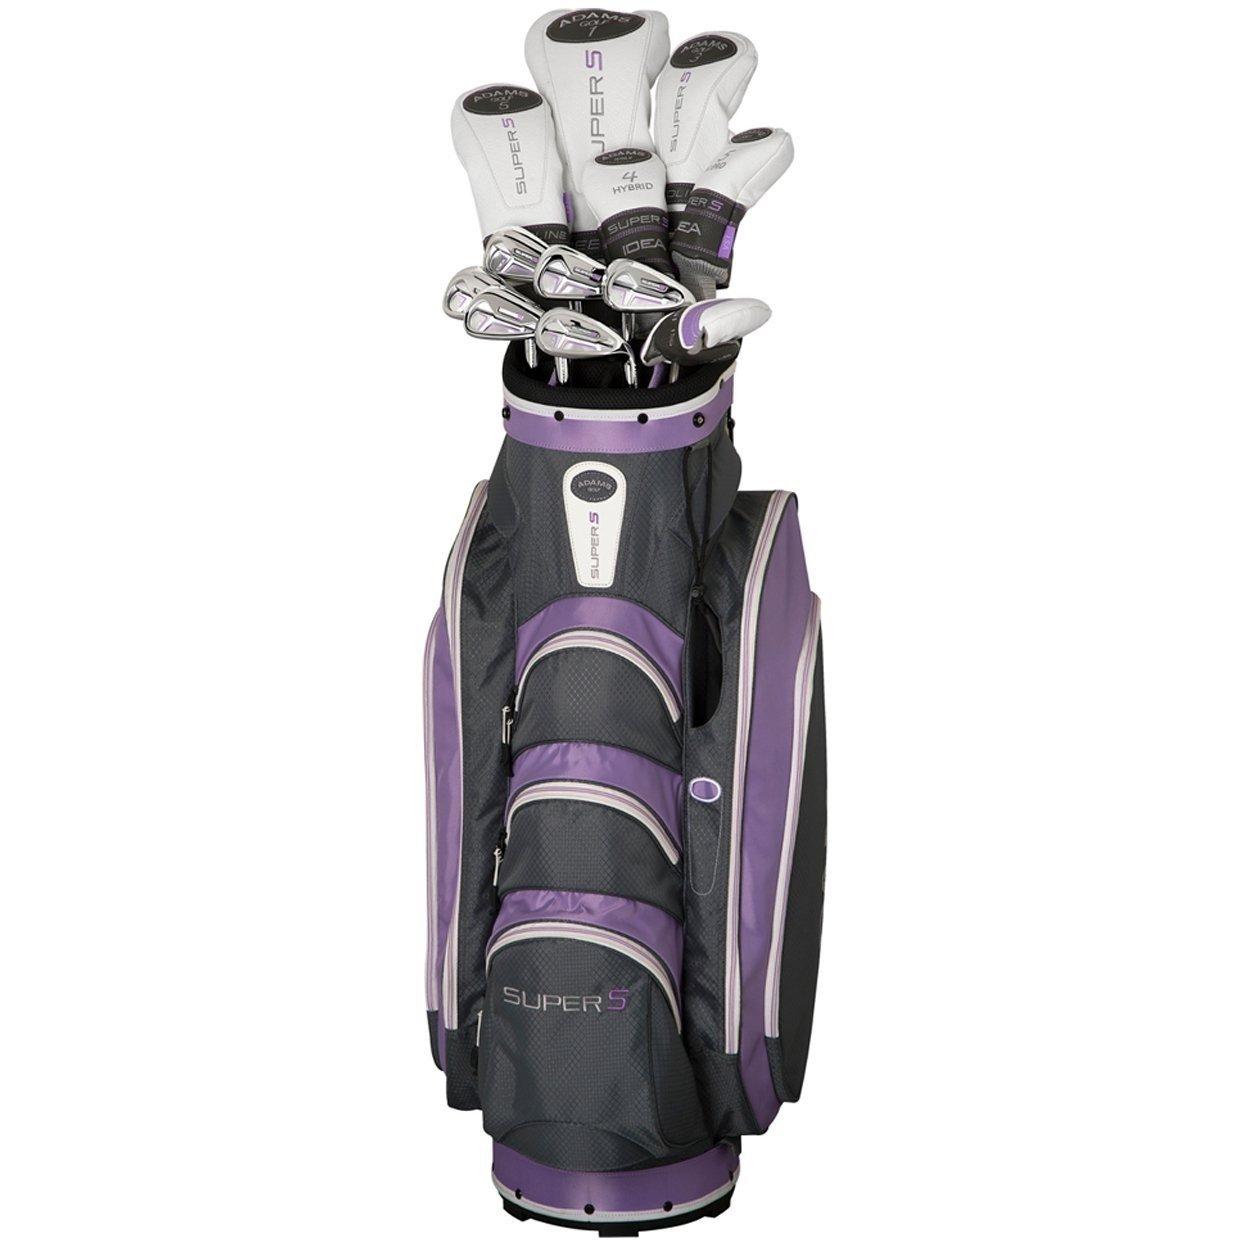 10 Unique Adams Idea Super S Irons Review womens lavender speedline super s complete golf club sets 2020